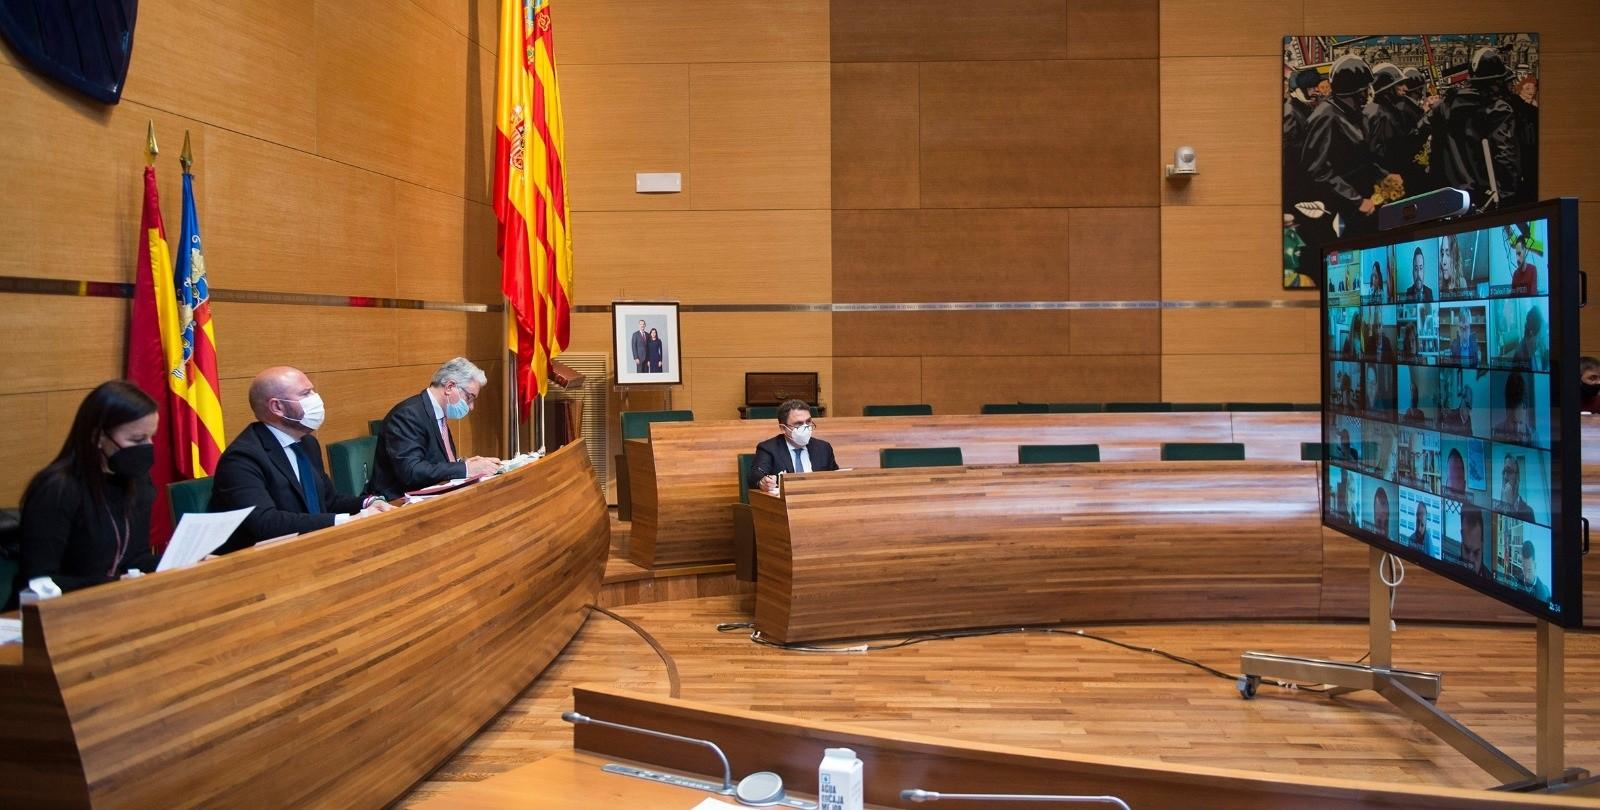 """José Luis Vera, en libertad con cargos por el """"caso Azud"""", seguirá como jefe de los servicios jurídicos en Divalterra"""